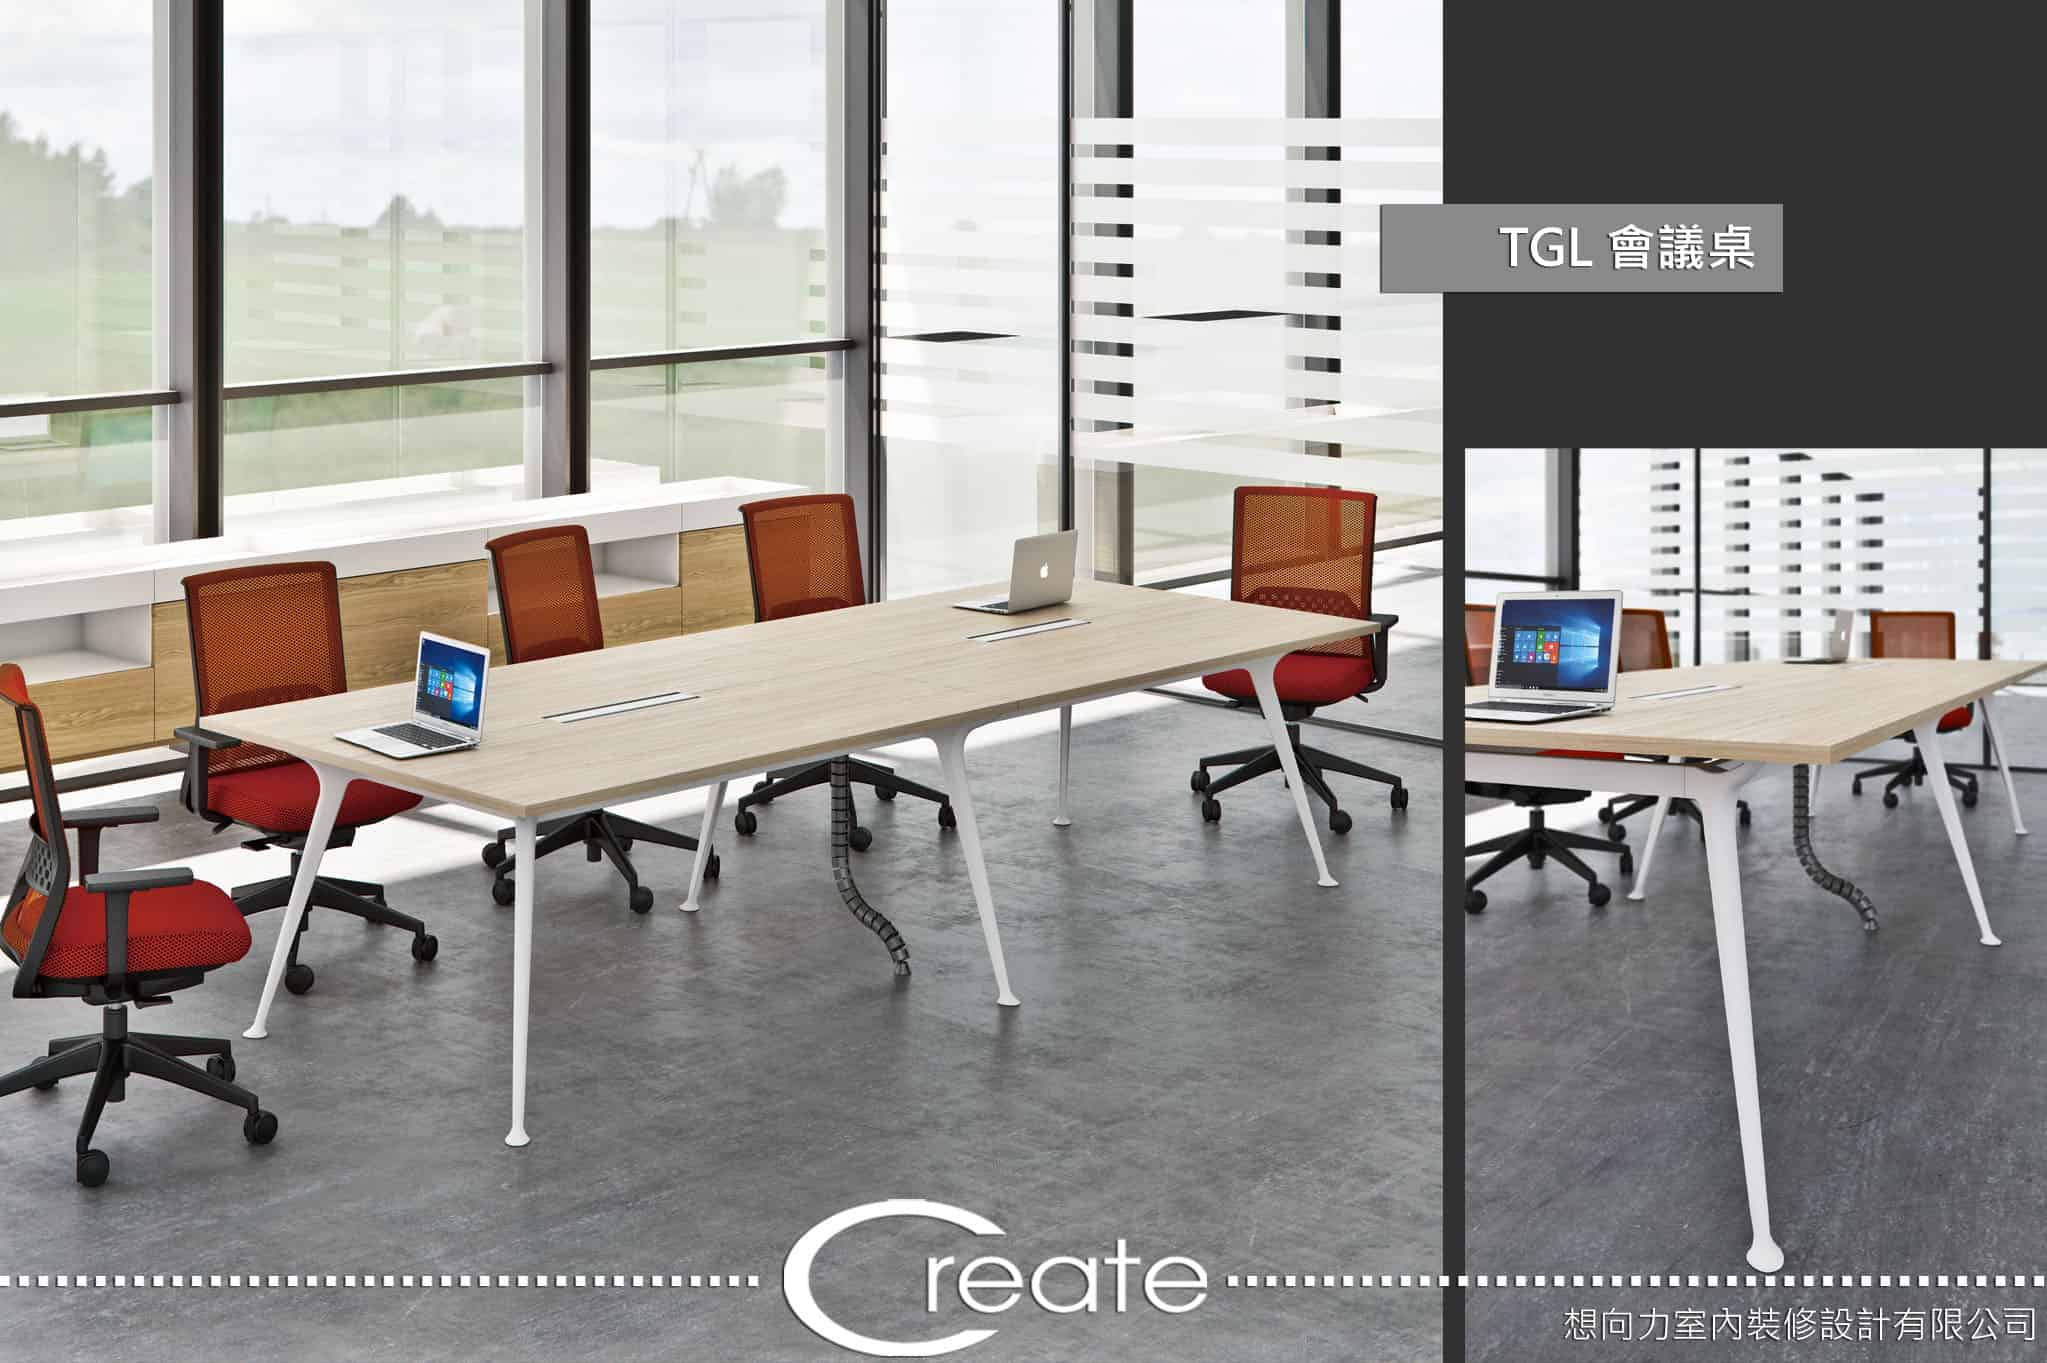 TGL-會議桌-1